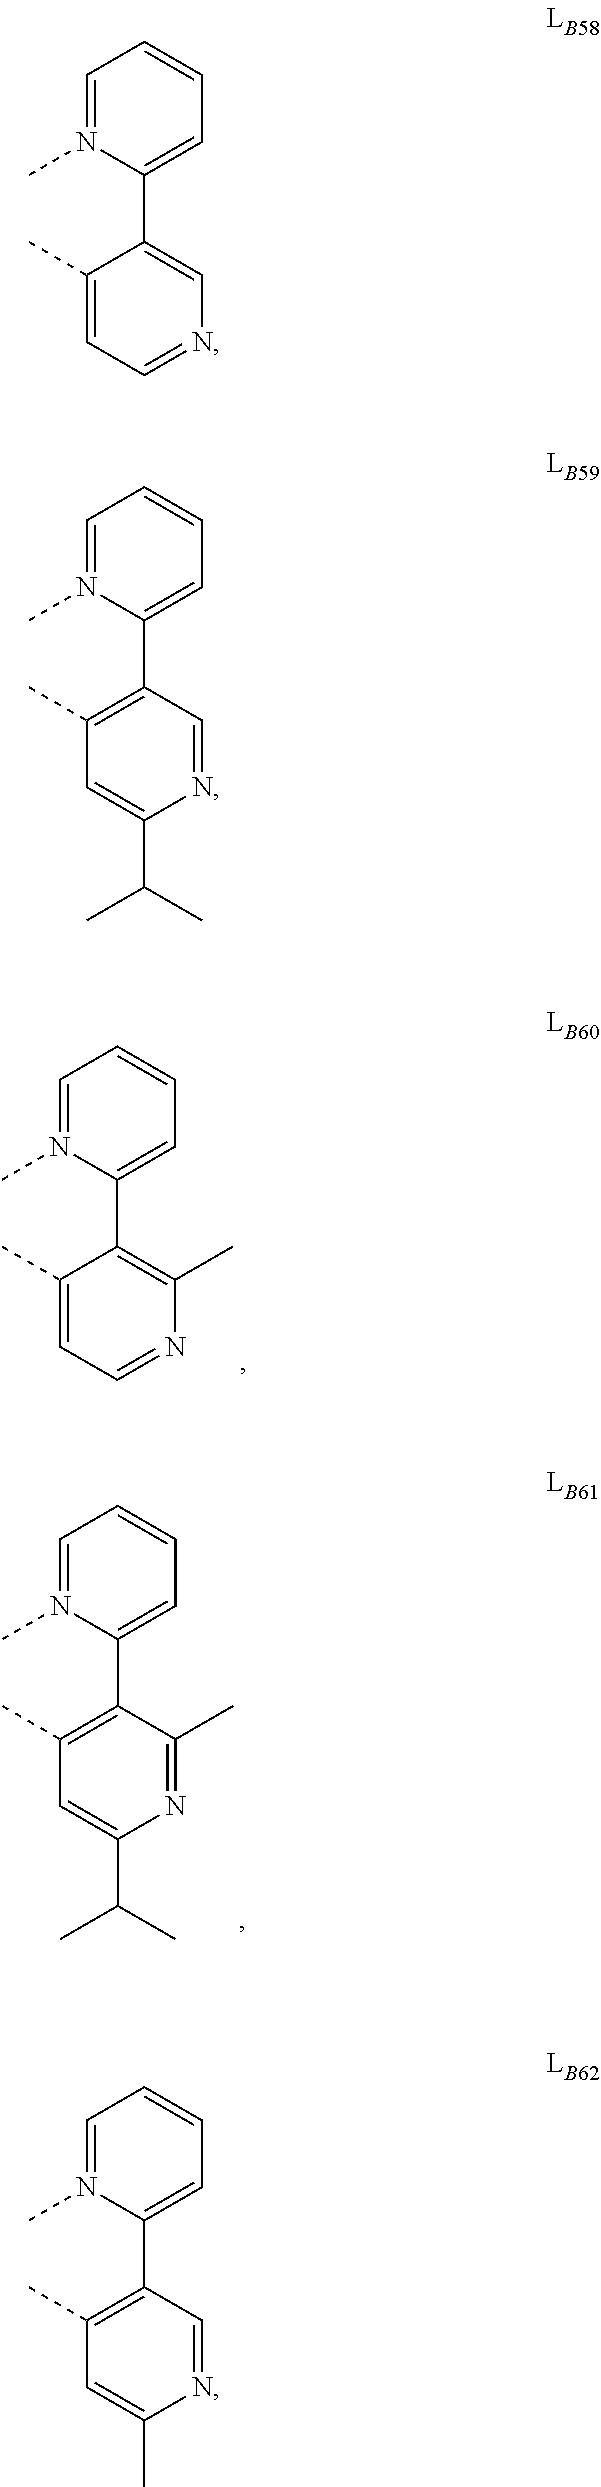 Figure US09905785-20180227-C00570